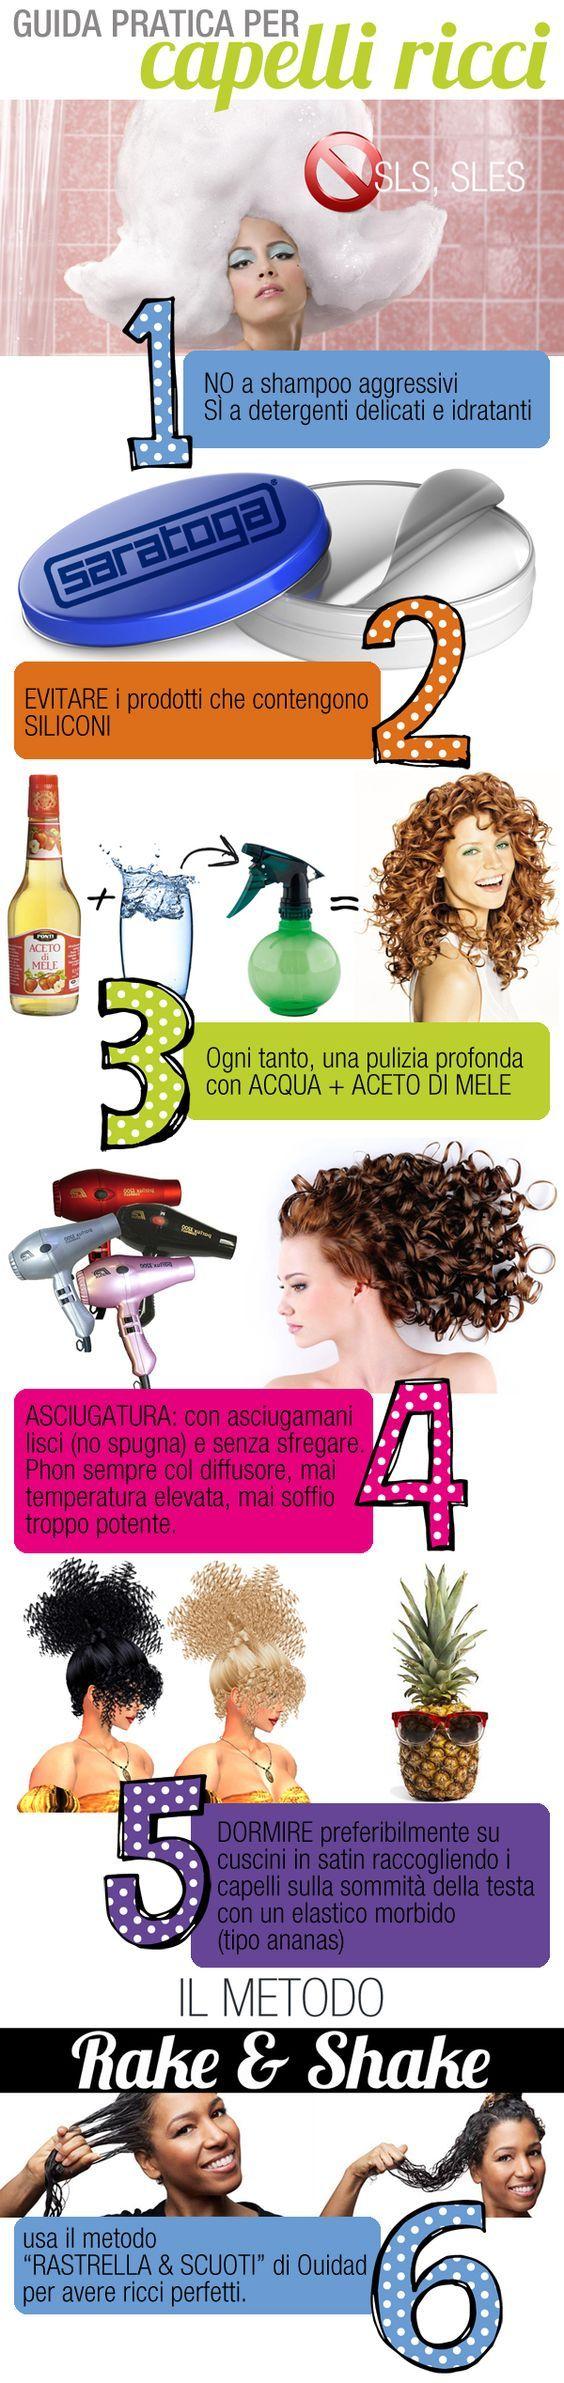 Guida pratica alla cura dei capelli ricci. #ricci #capelli #capelliricci #curls #curlyhair